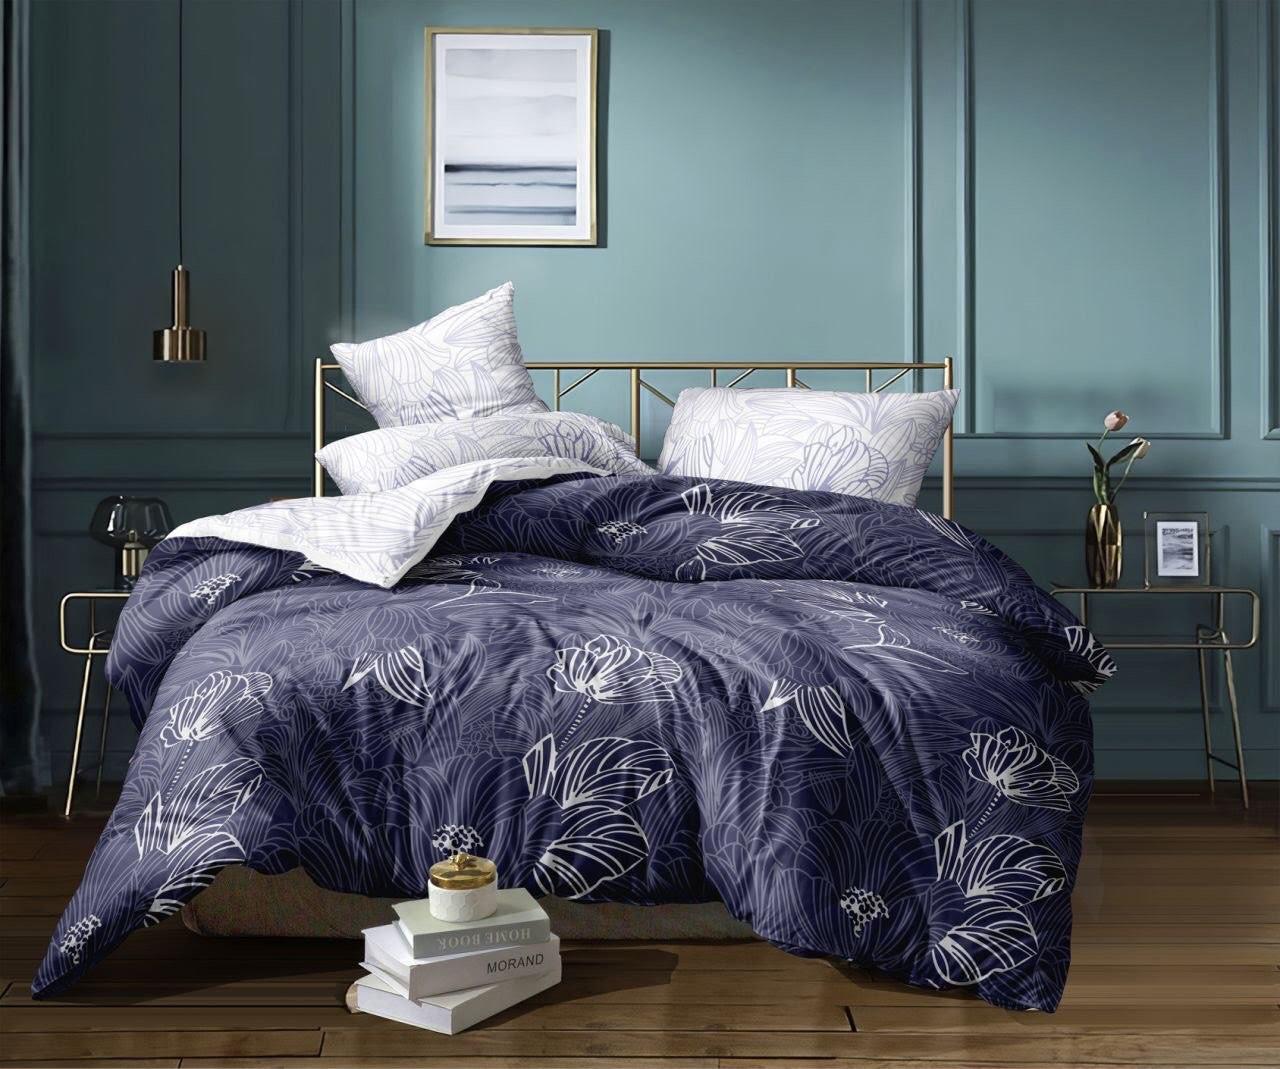 Комплект постельного белья семейка, серое